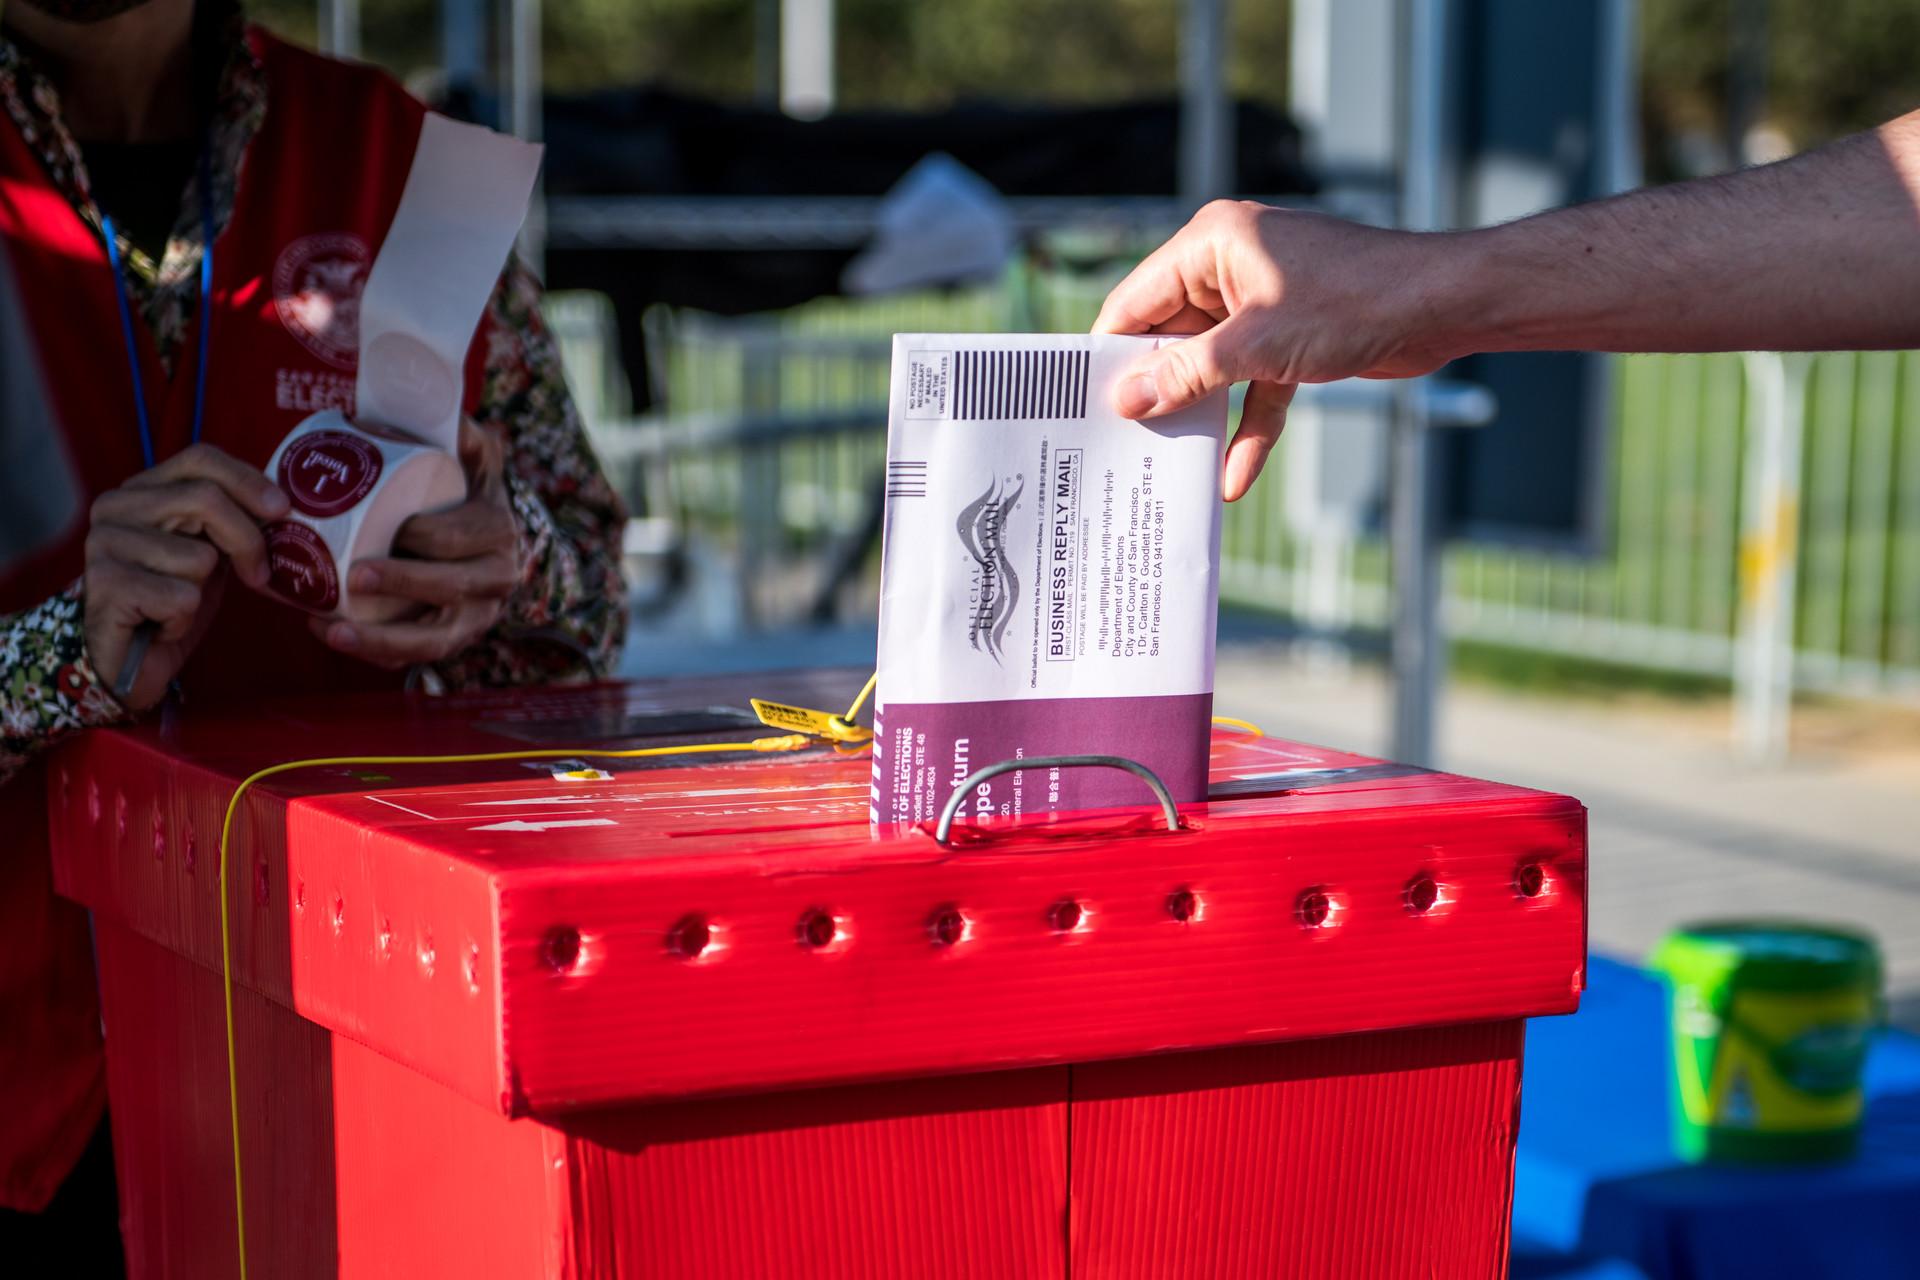 Un votante deja una boleta en un nuevo centro de votación al aire libre cerca de Civic Center Plaza en San Francisco el 5 de octubre de 2020, el primer día de votación anticipada. Foto: Beth LaBerge / KQED.